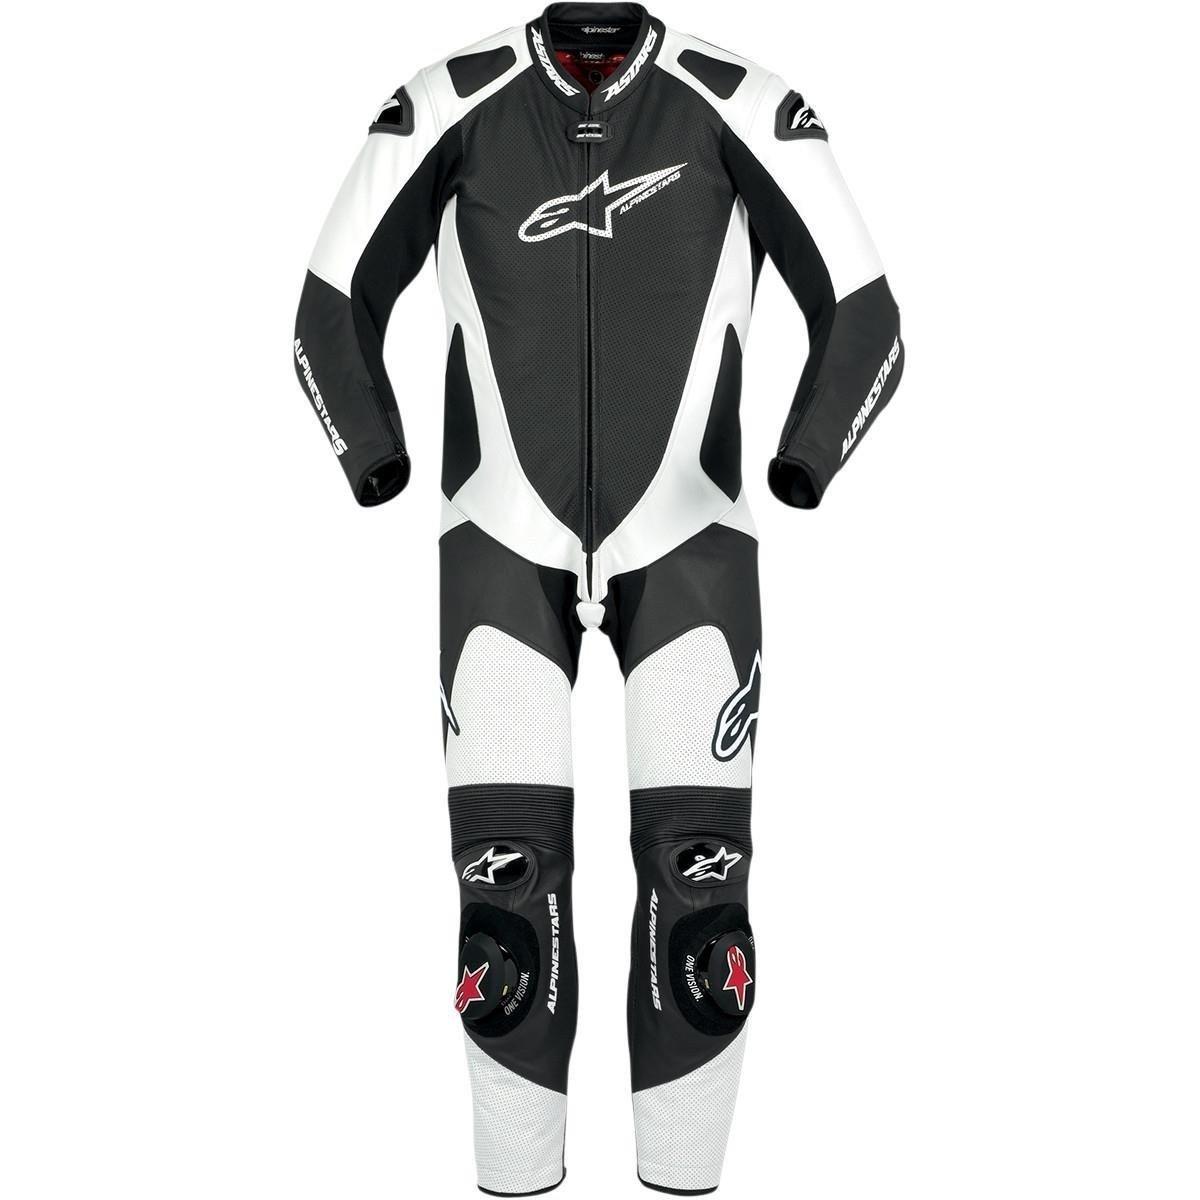 Jednodílná motocyklová kombinéza ALPINESTARS GP Pro (černo/bílá) 56